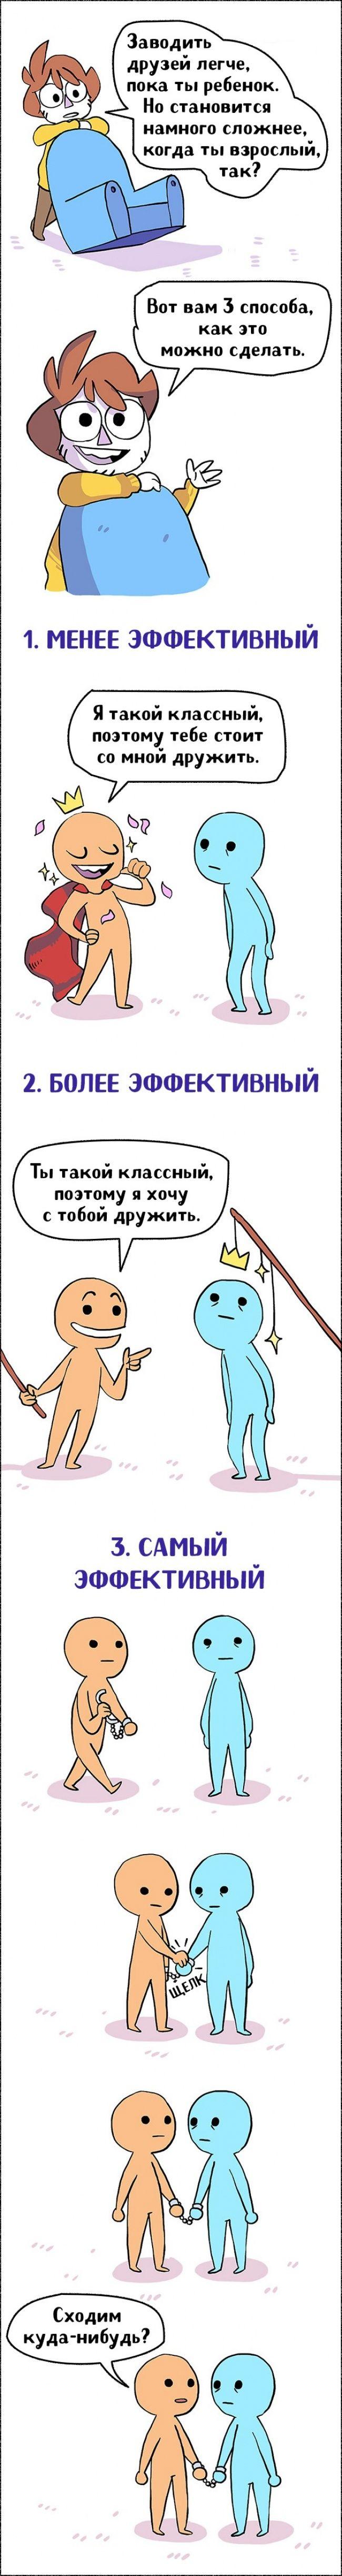 Инструкция для взрослых, как заводить друзей